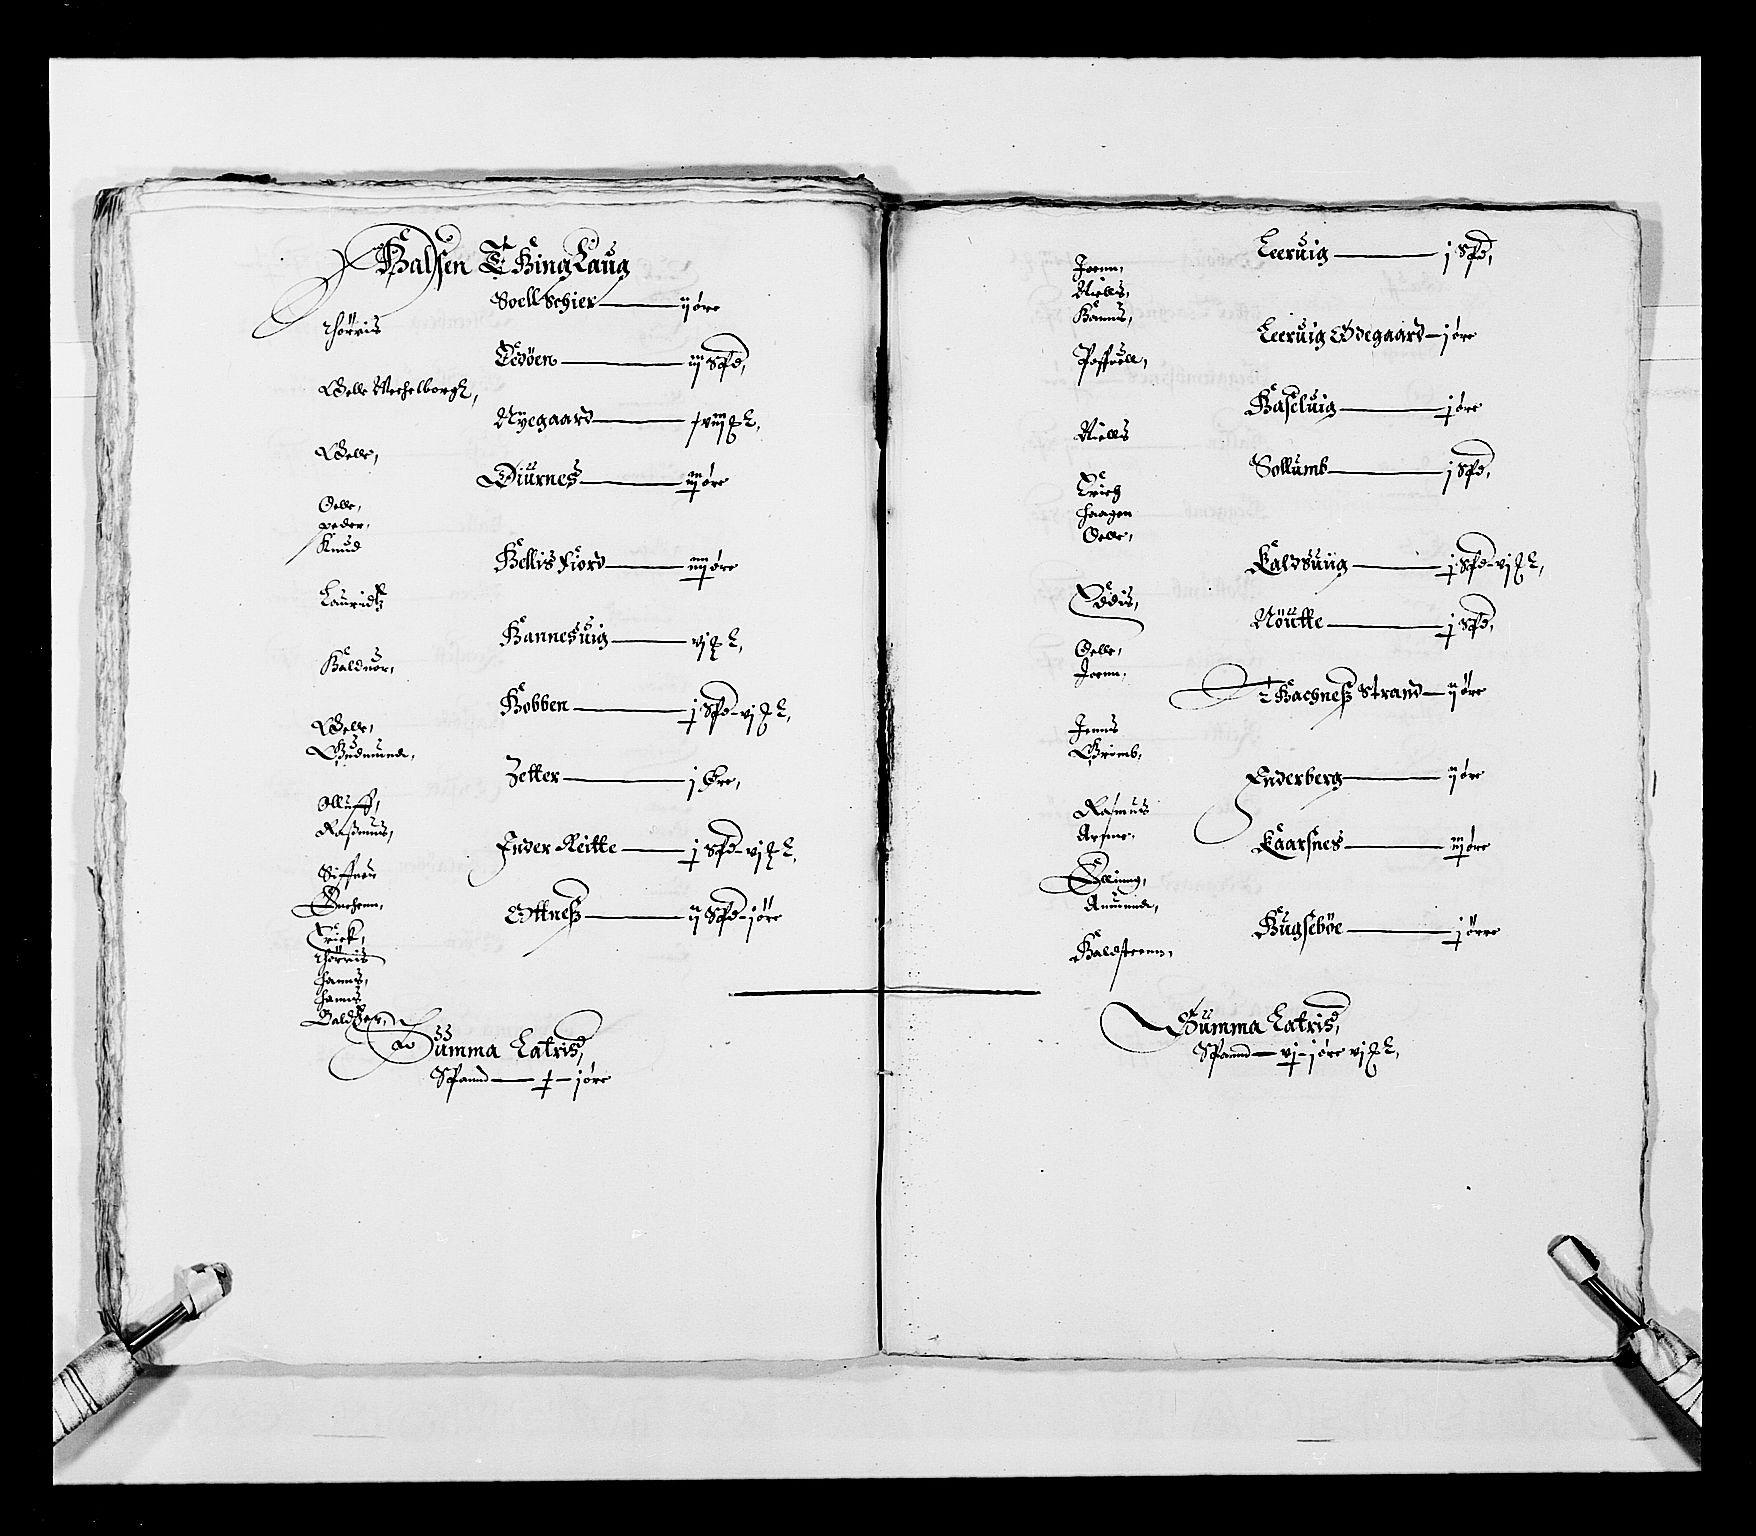 RA, Stattholderembetet 1572-1771, Ek/L0028: Jordebøker 1633-1658:, 1645-1646, s. 37